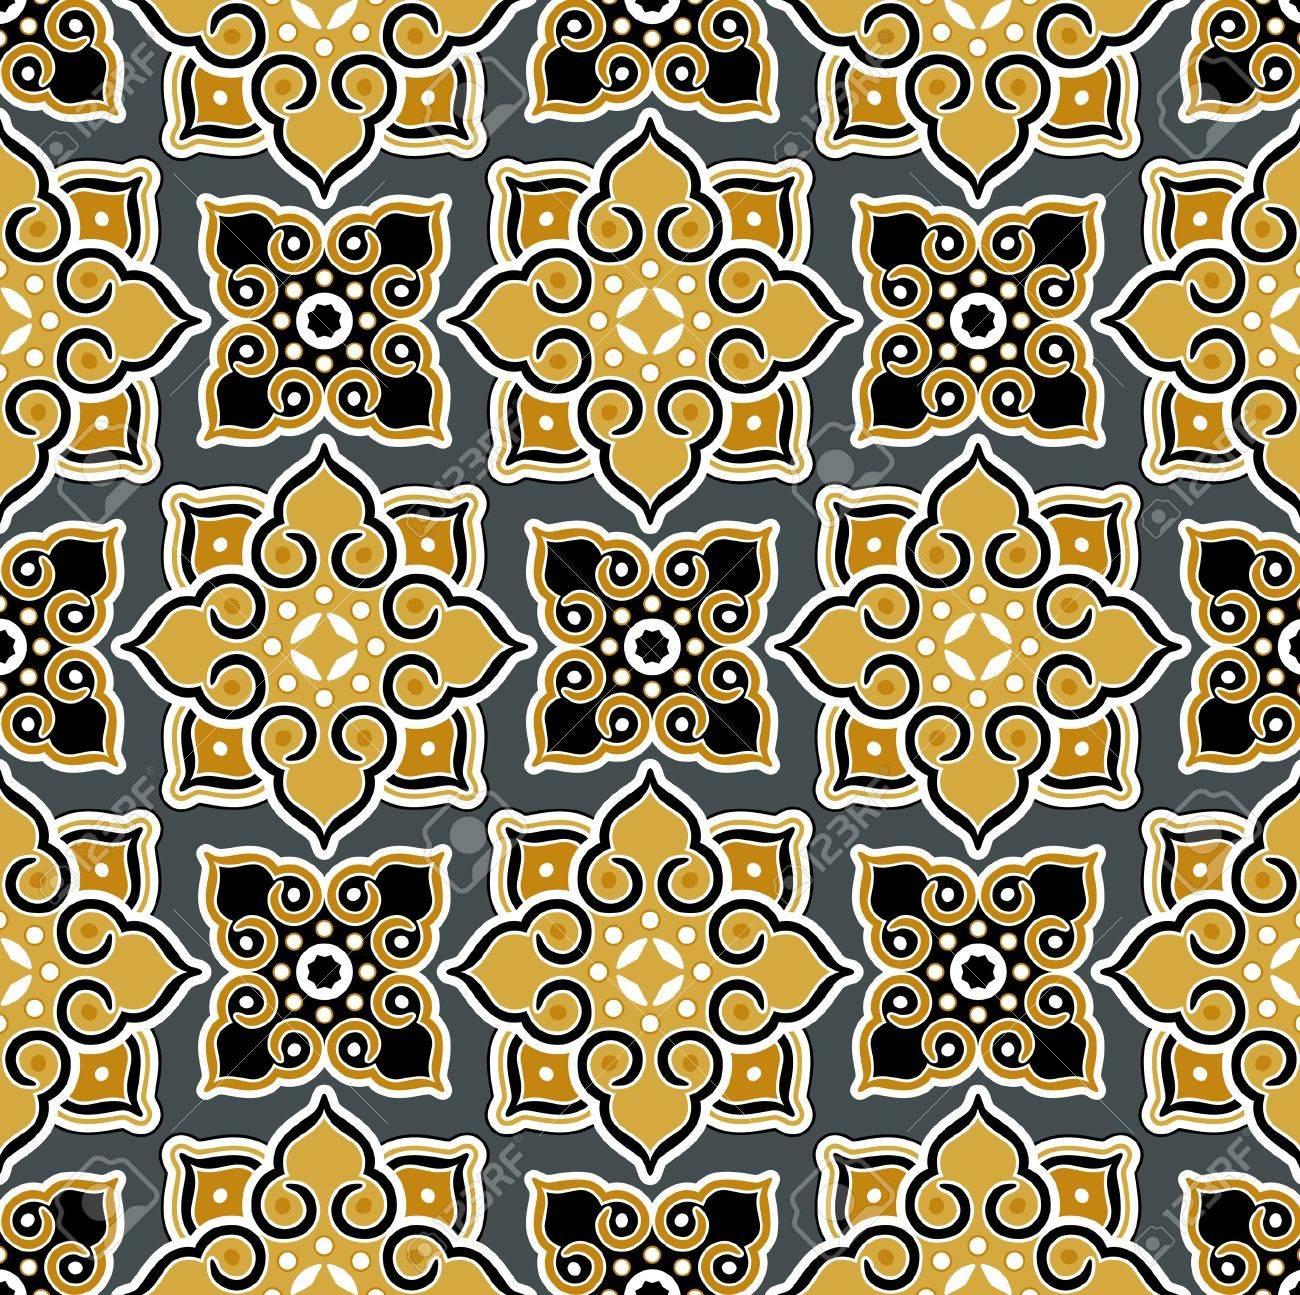 thailand background pattern - 9501333